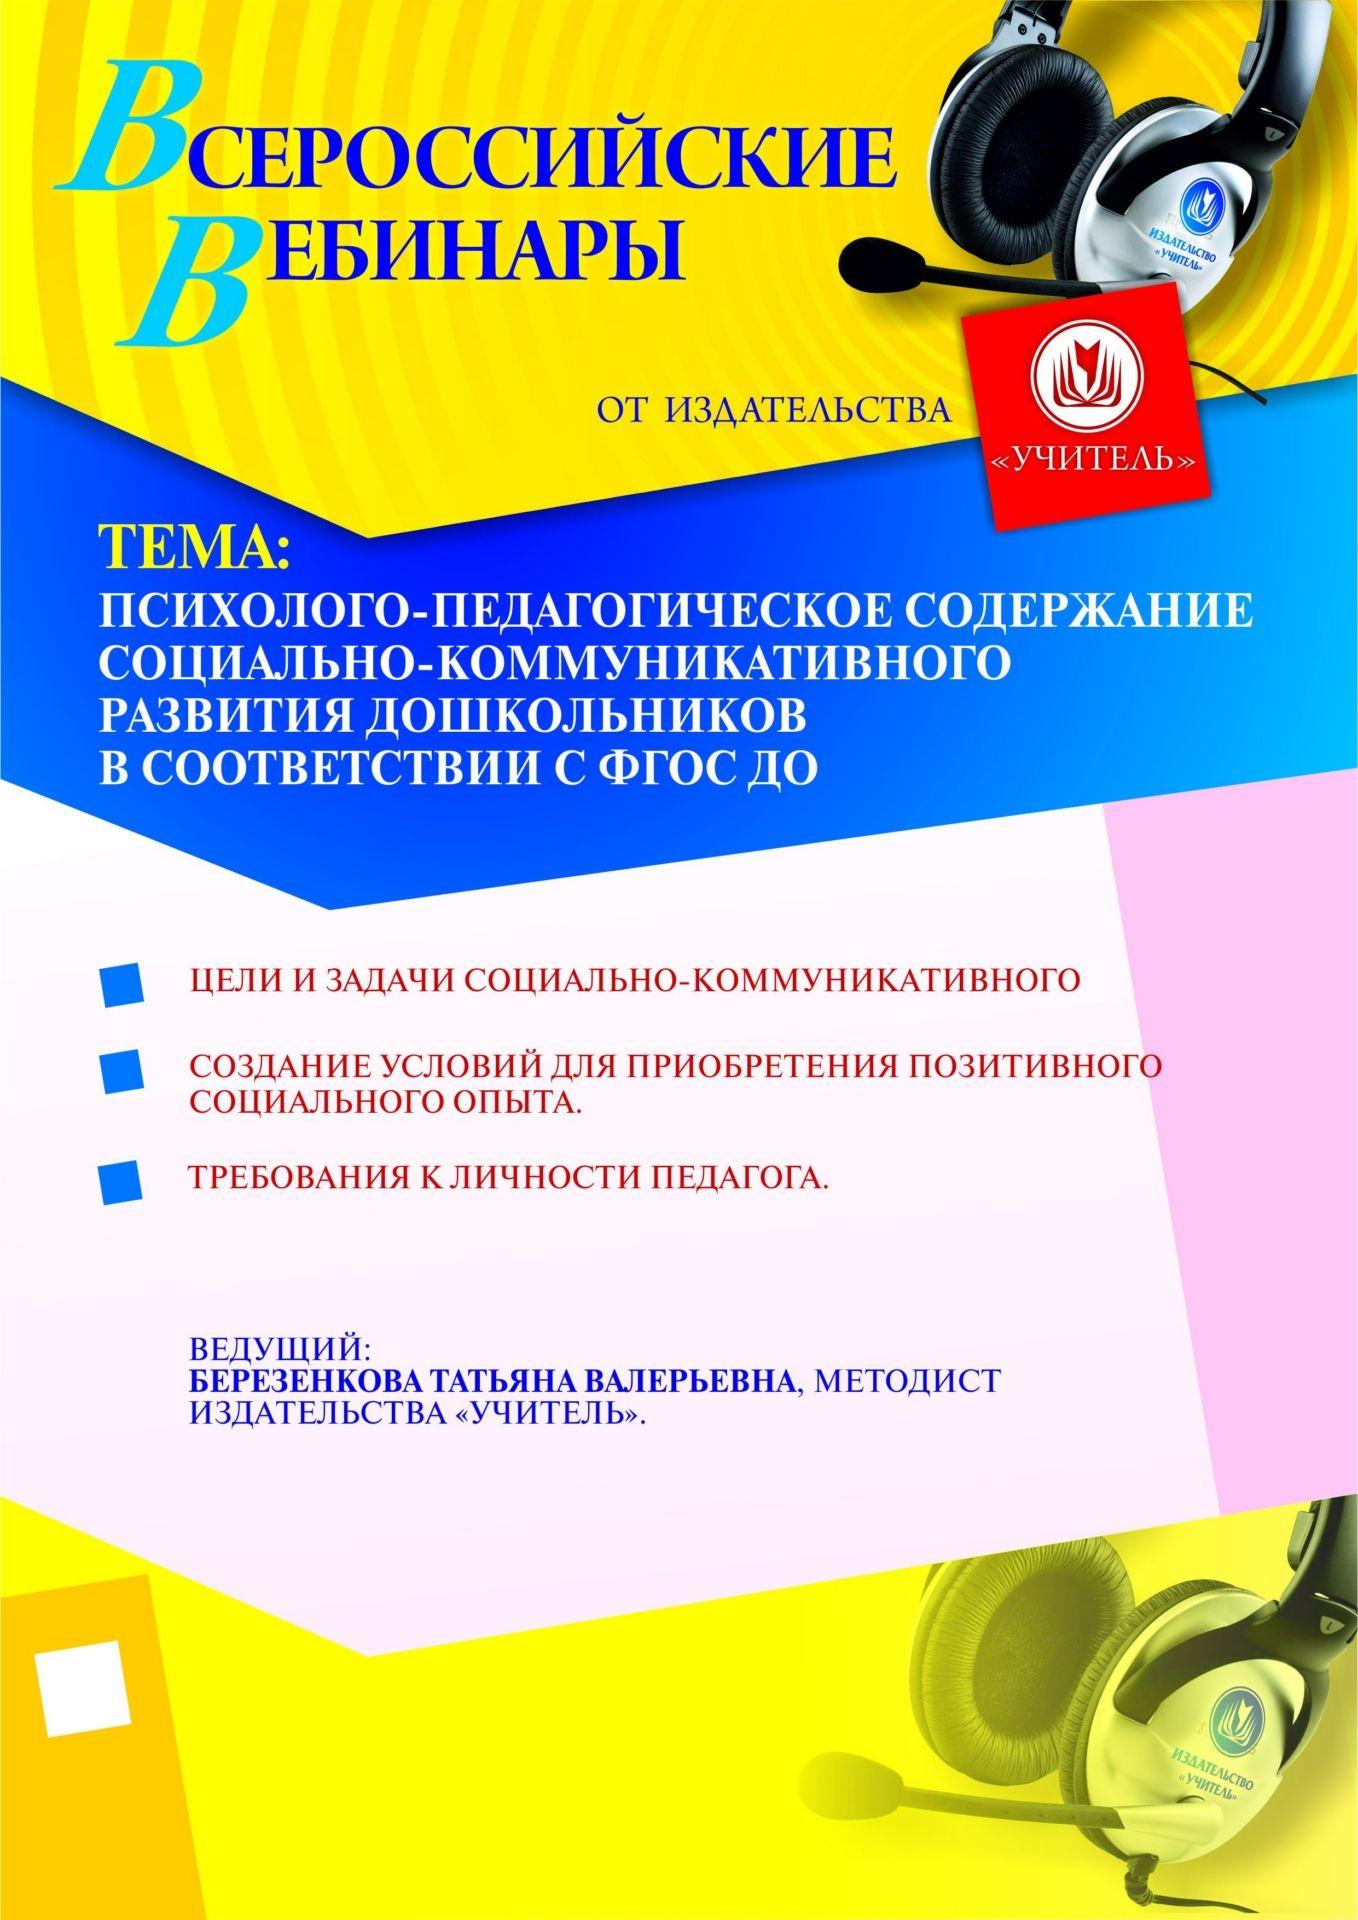 Психолого-педагогическое содержание социально-коммуникативного развития дошкольников в соответствии с ФГОС ДО фото